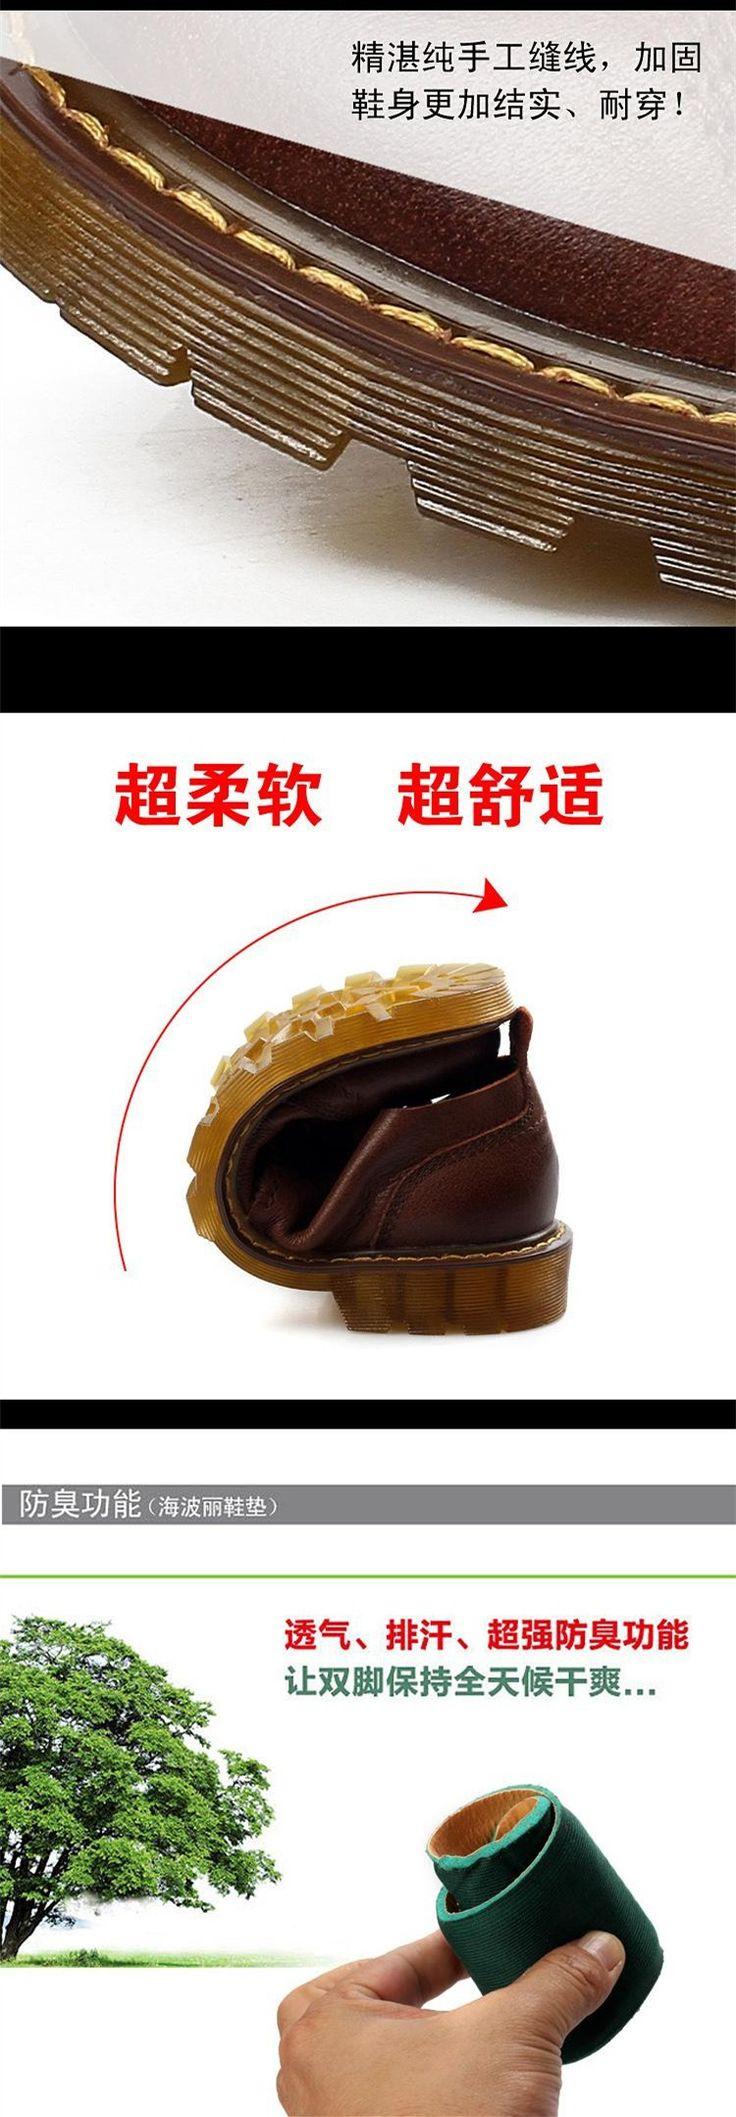 Aliexpress.com: Comprar Marca de cuero Casual Oxford Zapatos Nuevos 2014 zapatos de los hombres de otoño obra clásica al aire libre masculinos Sapatilhas de zapatos de color marrón fiable proveedores en ShoesExpress